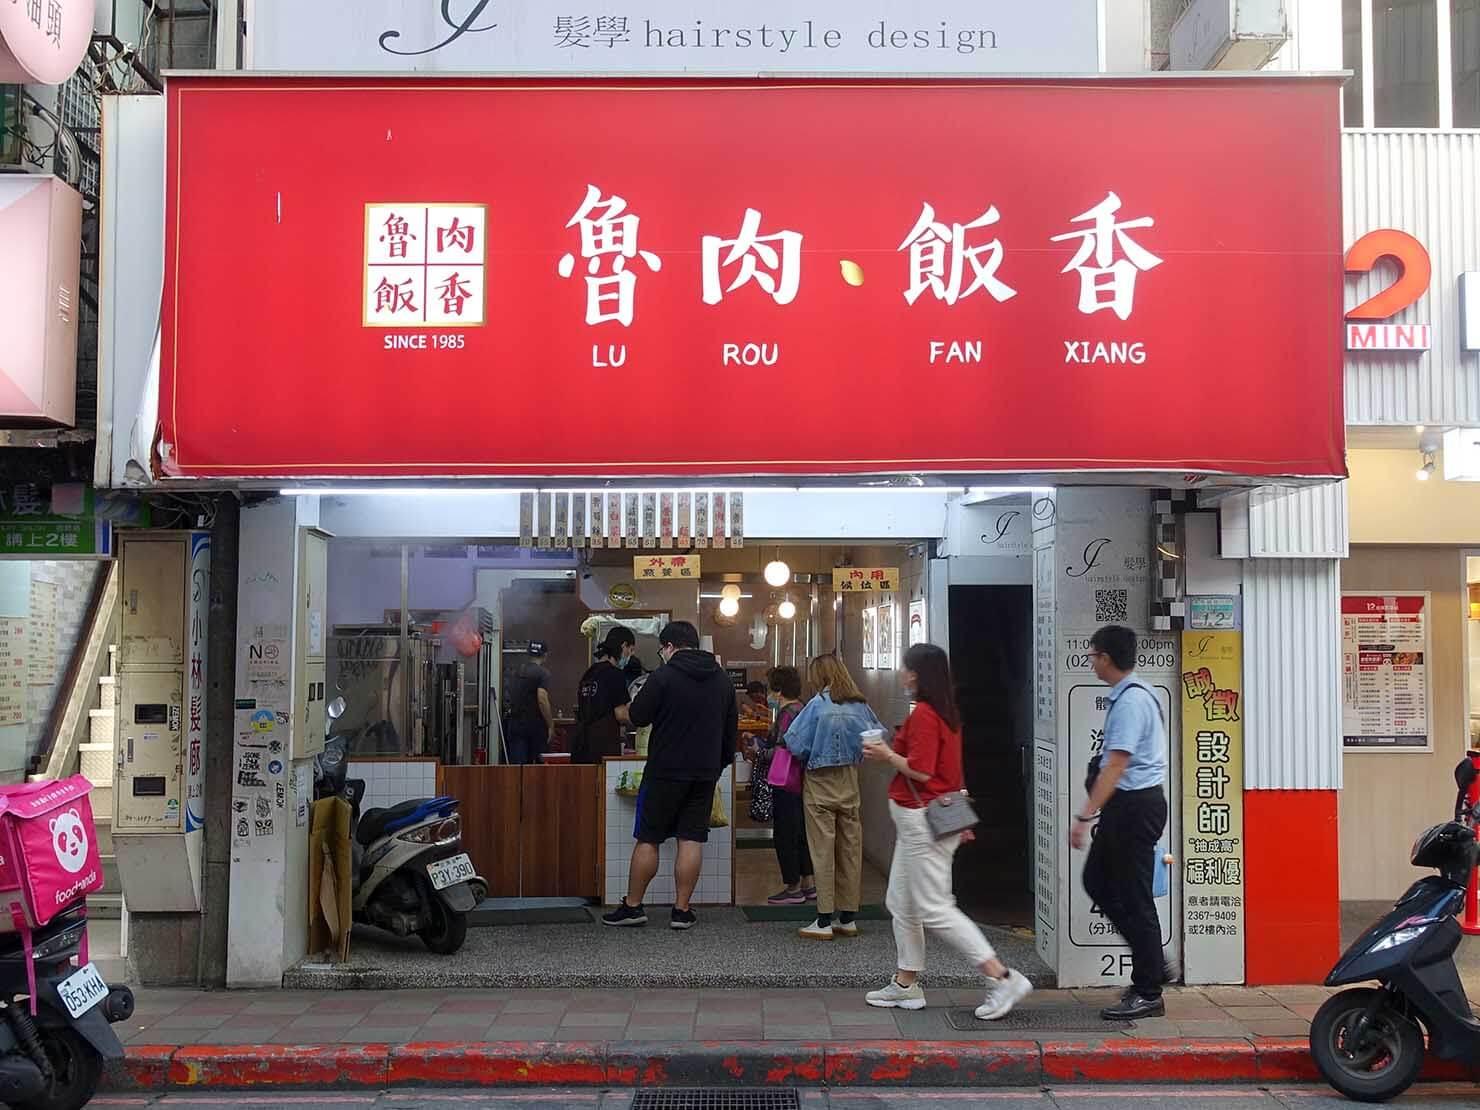 台北・公館夜市のおすすめグルメ店「魯肉・飯香」の外観